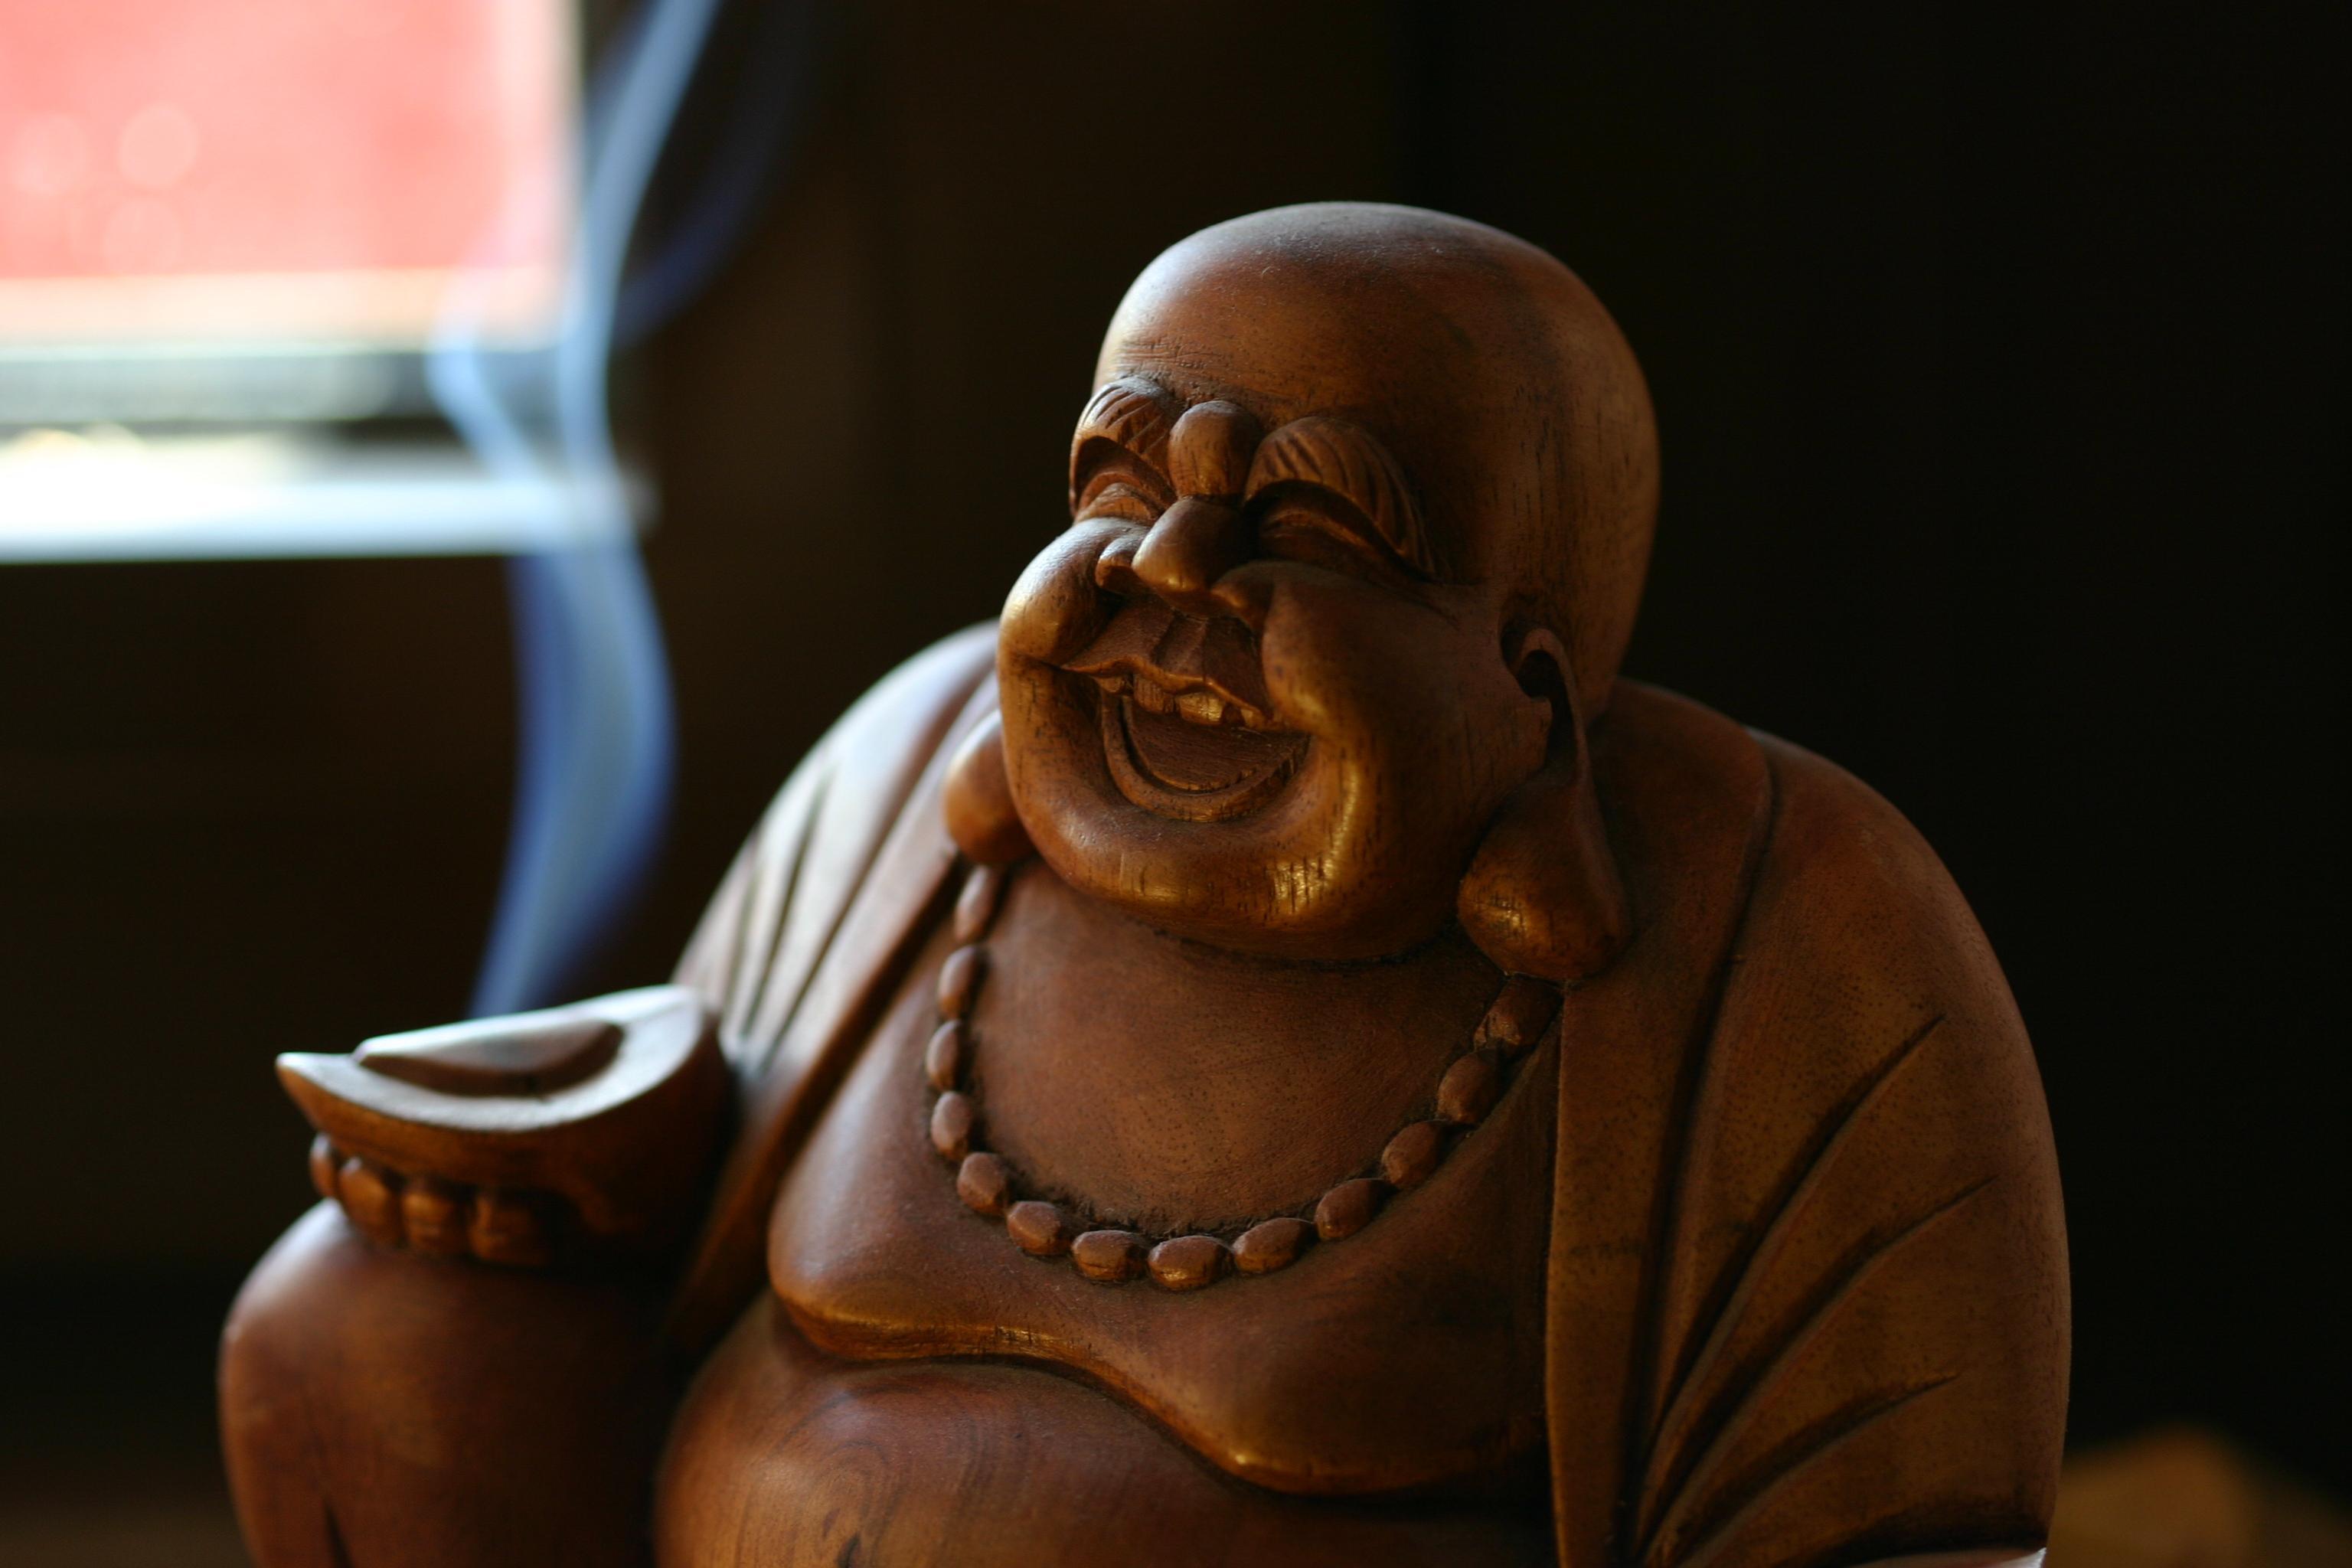 1402054 20039171 - Snadný důkaz satanizmu v Budhistickém učení